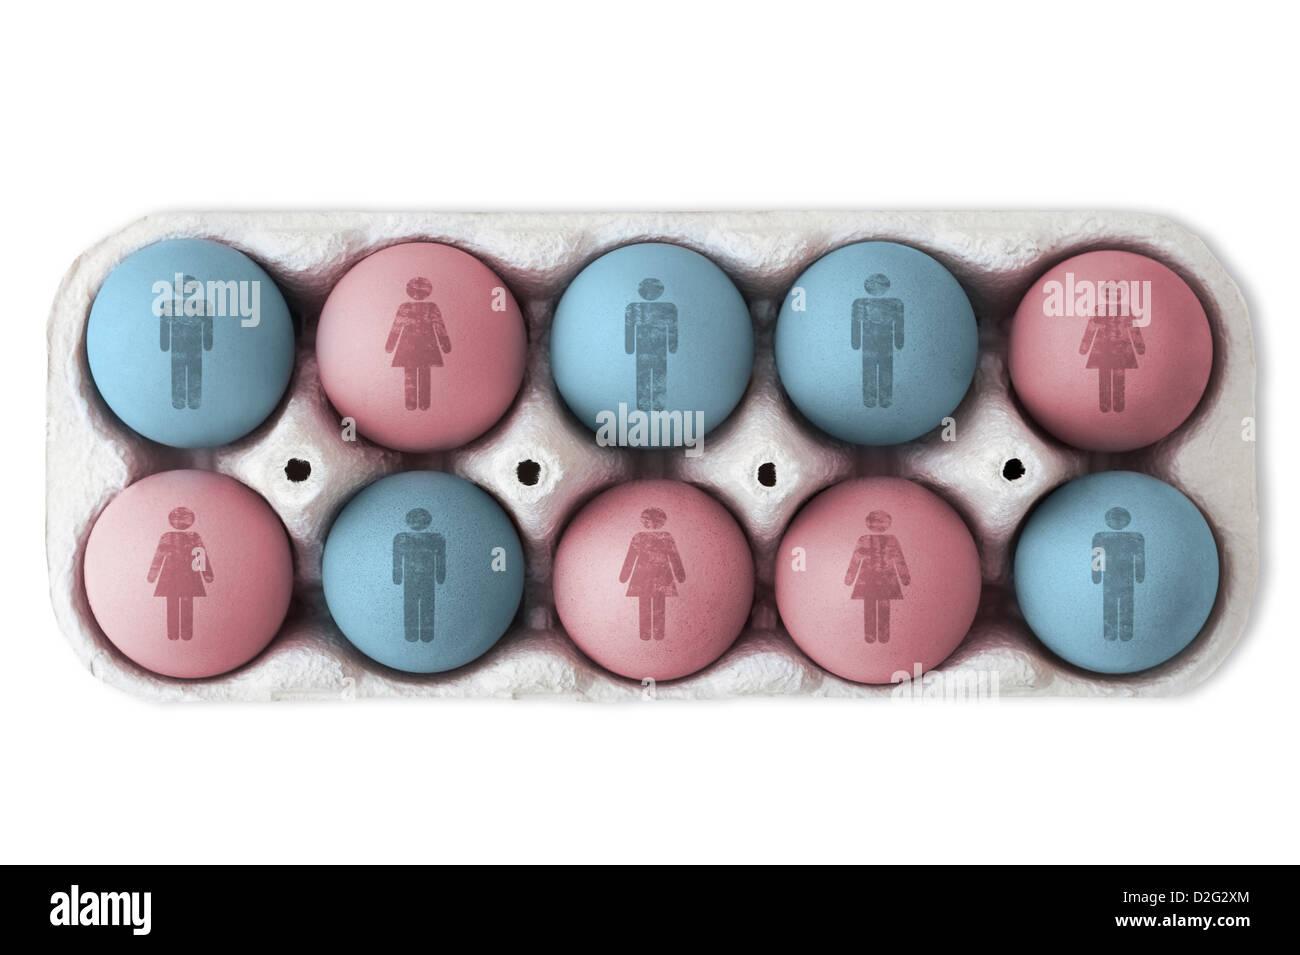 IVF / gender concept / designer baby concept - Stock Image